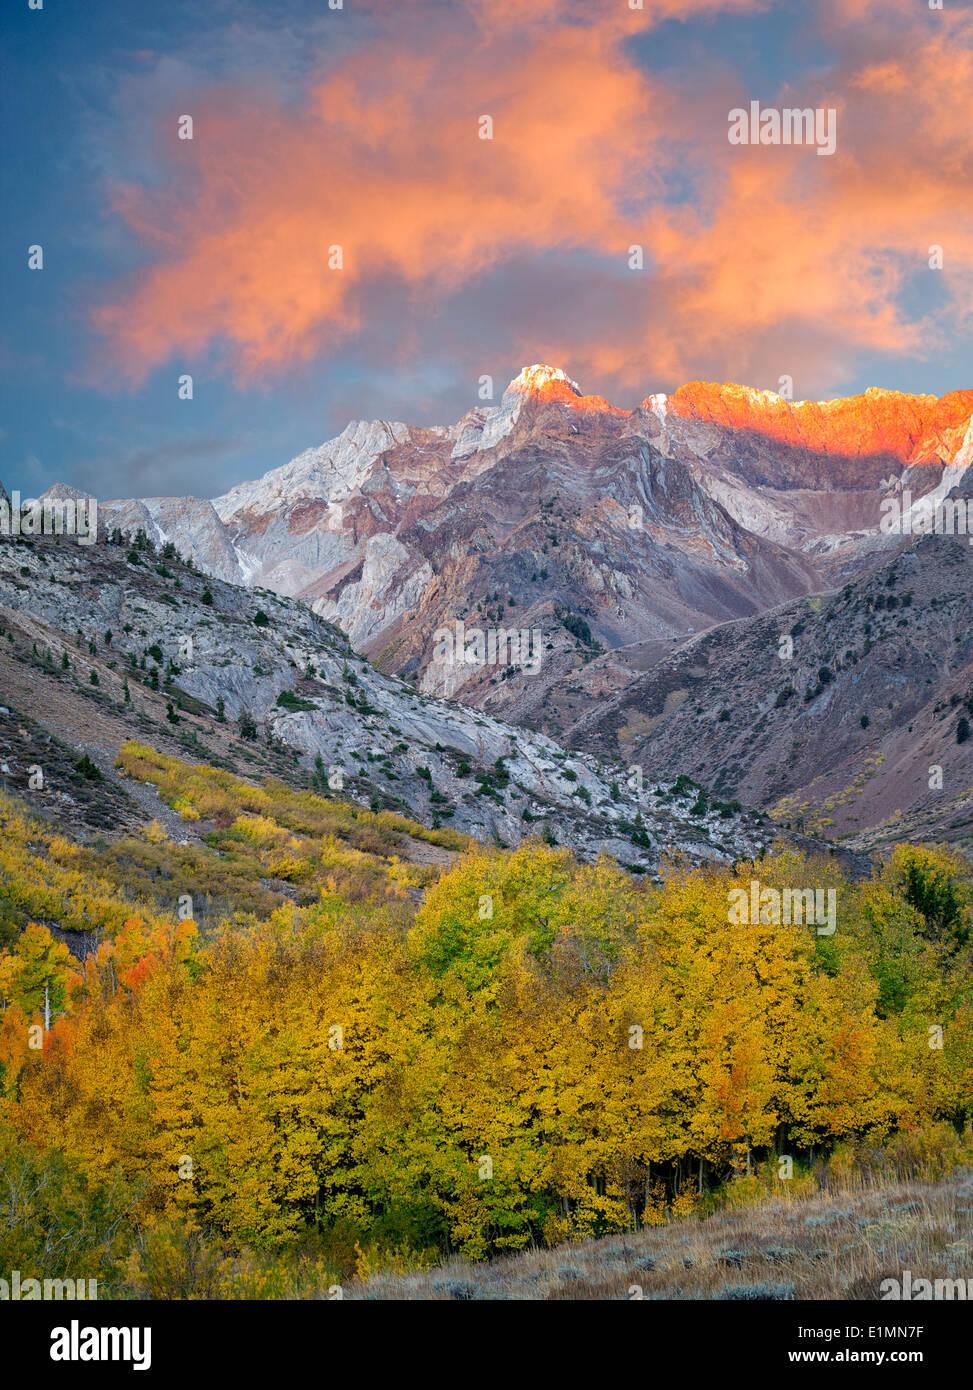 Mcgee Creek drainage avec couleur automne peupliers et trembles. L'Est de la Sierra Nevada, en Californie Photo Stock